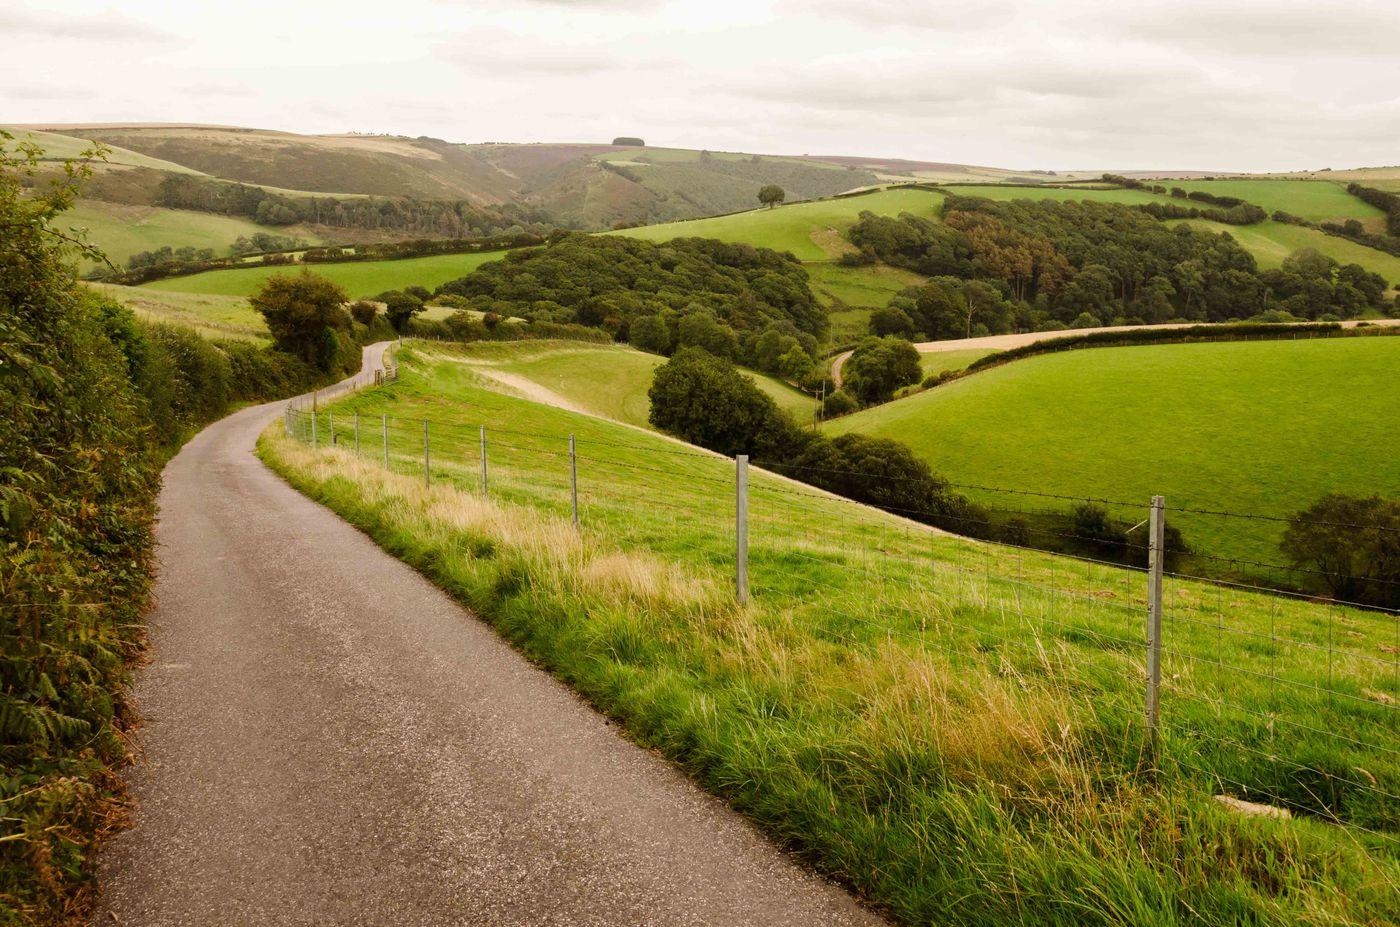 Zicht op het platteland in Exmoor. © Hans Debruyne